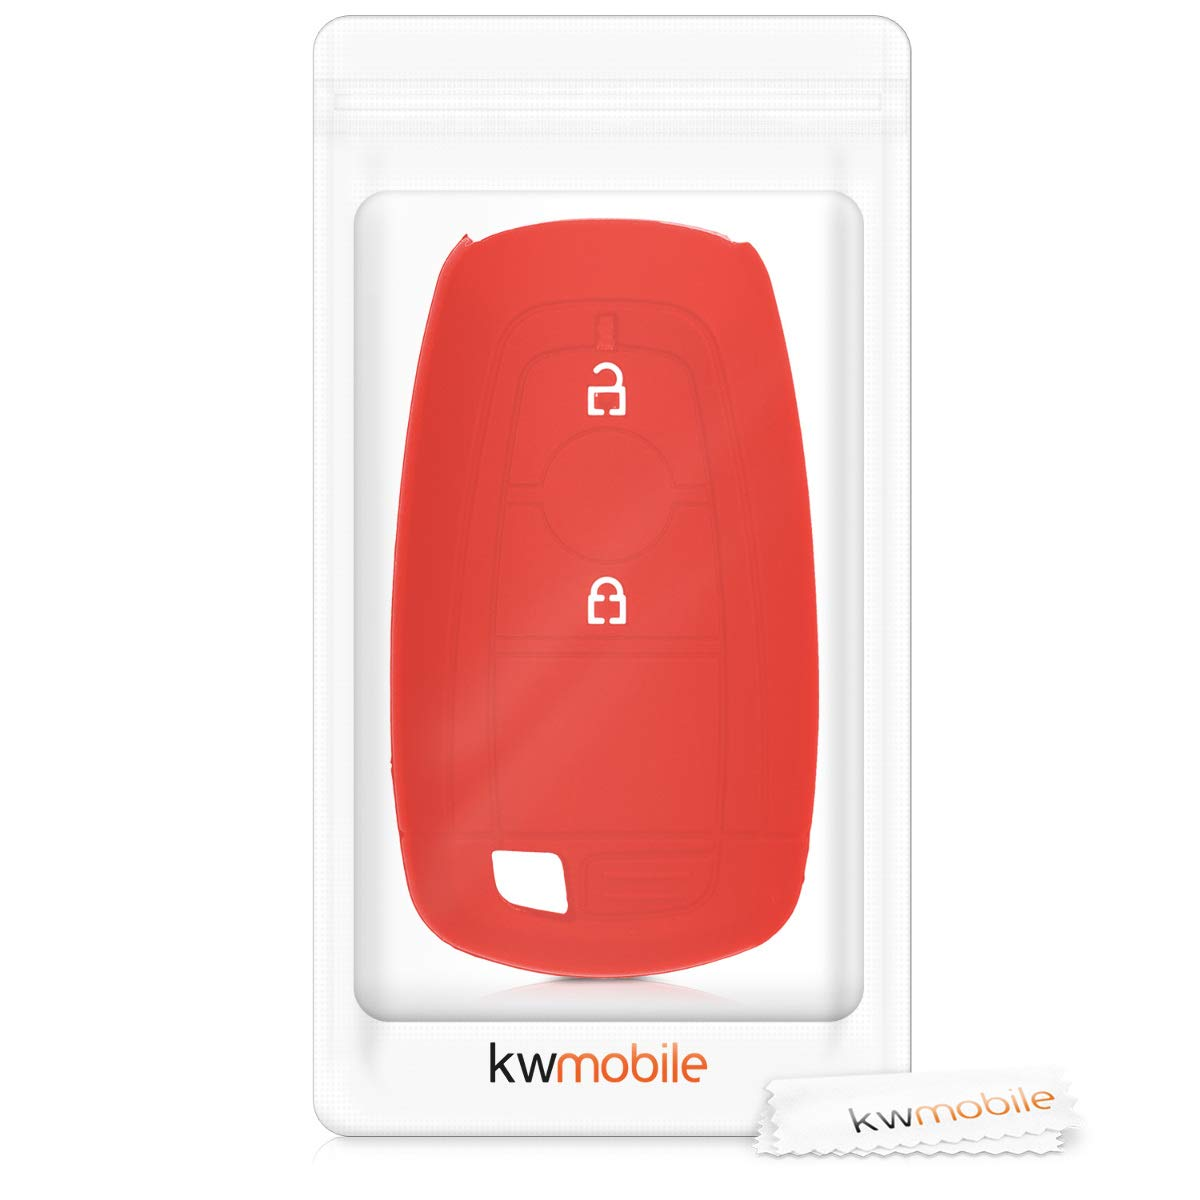 Suave Carcasa Protectora Silicona - Case Mando de Auto Negro de kwmobile Funda de Silicona para Llave Keyless Go de 2 Botones para Coche Ford